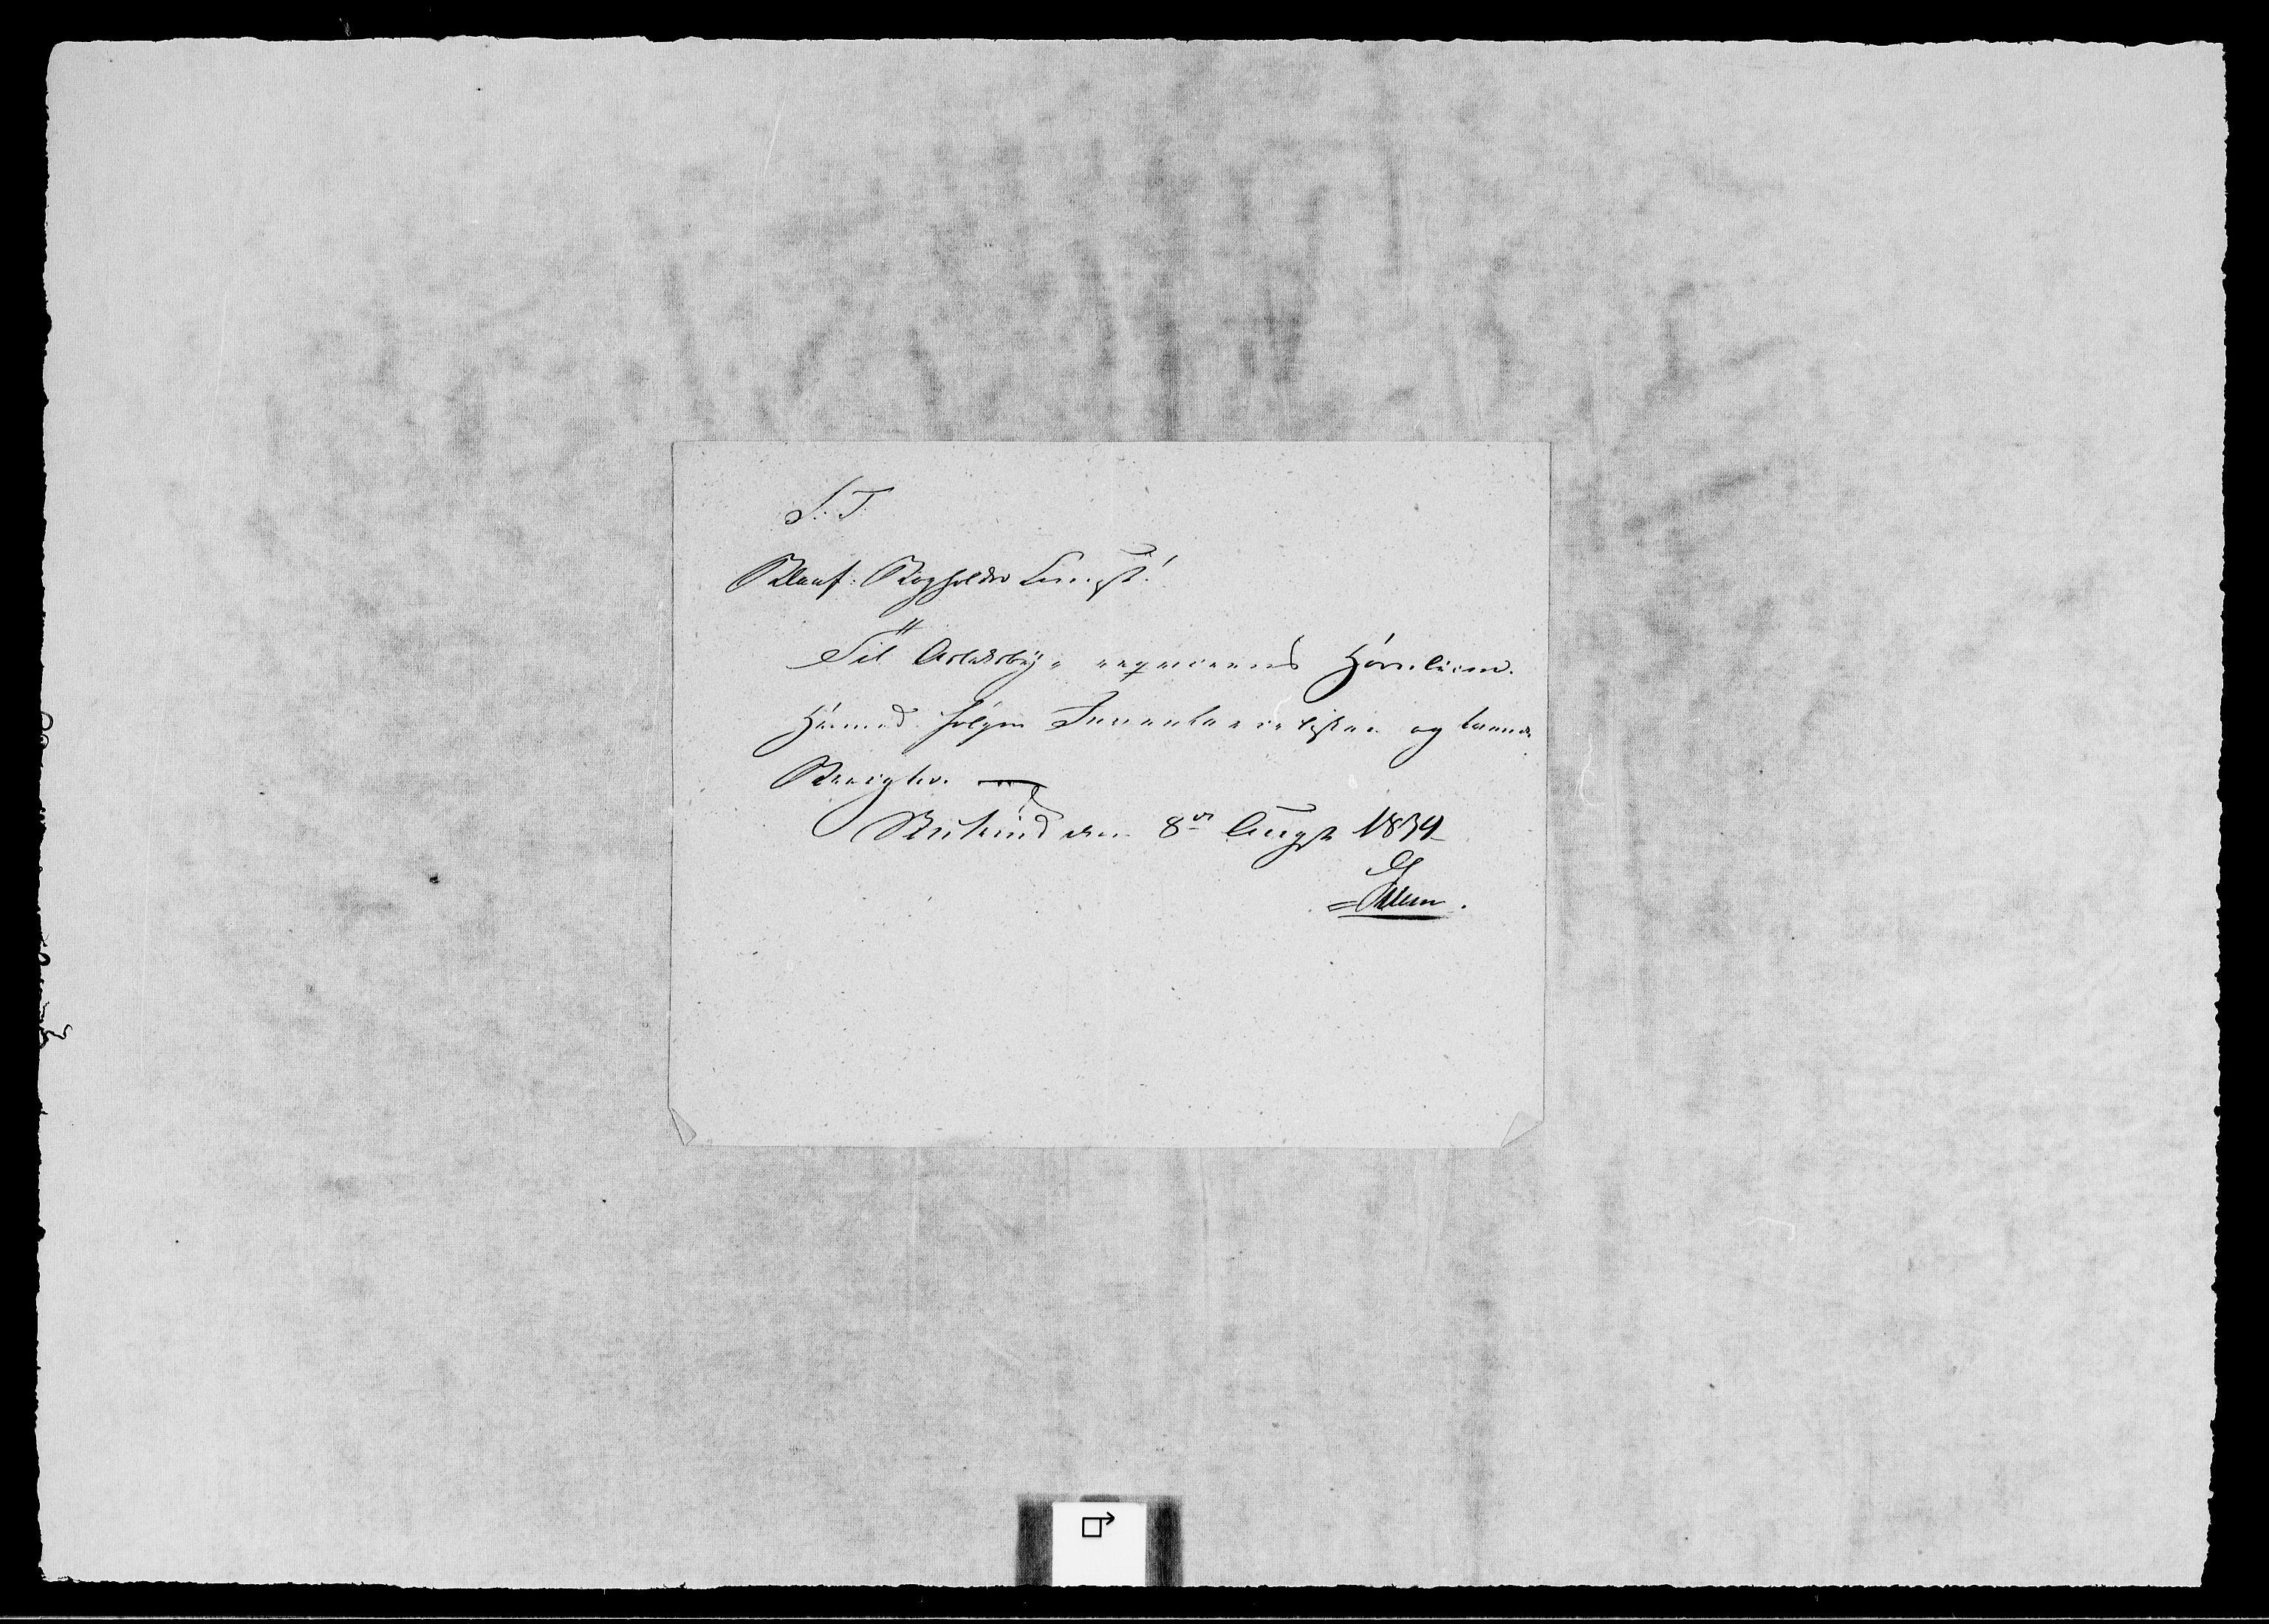 RA, Modums Blaafarveværk, G/Gb/L0122, 1838-1839, s. 2